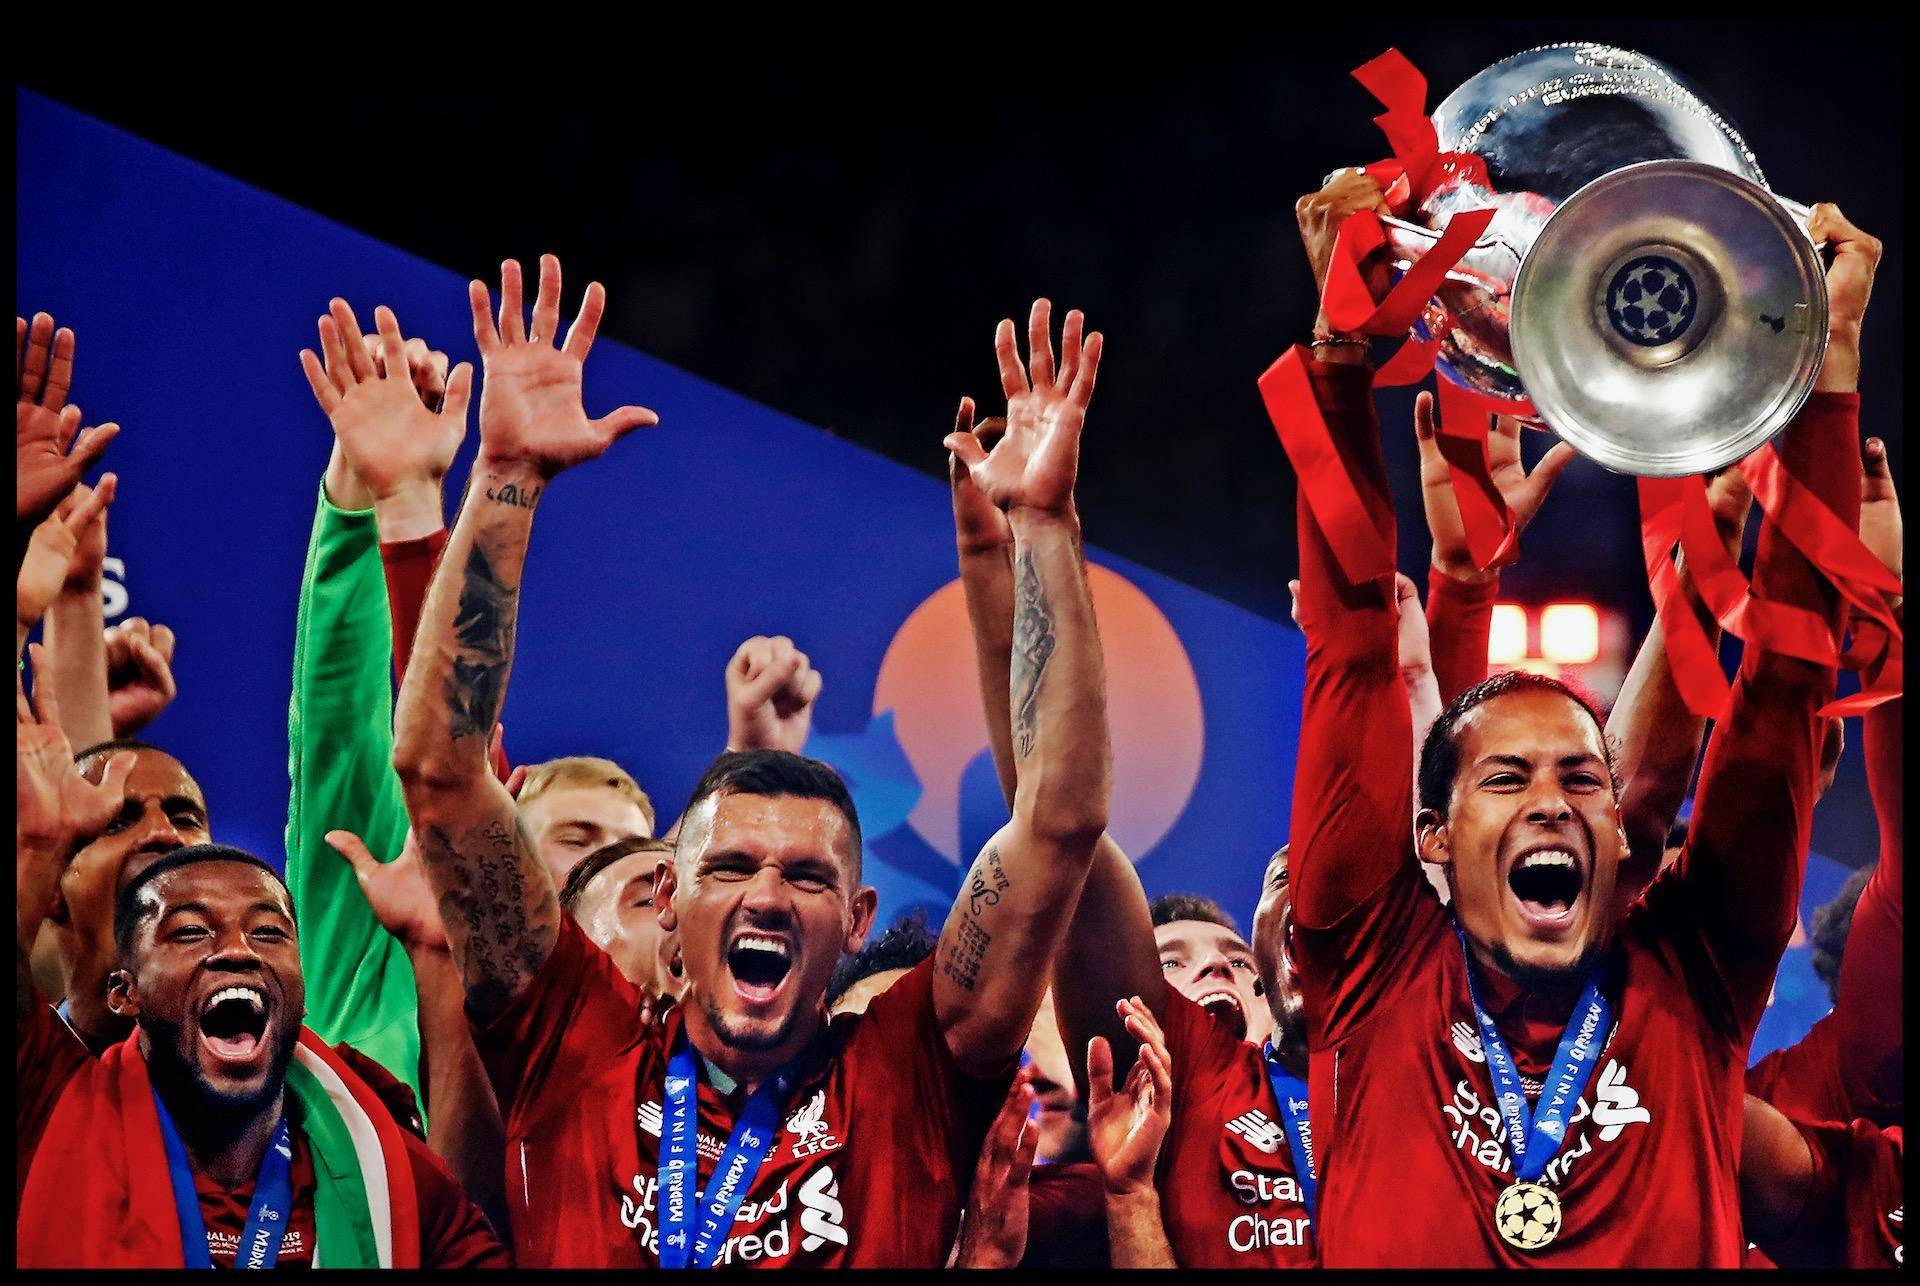 Spanje, Madrid, 02-06-2019Serie; Geen Champions League victorie zonder familie!Champions League finale Liverpool-Tottenham Hotspur.Virgil van Dijk tilt de Cup met de Grote oren de lucht in. Links schreeuwt Wijnaldum het ook uit van vreugde.